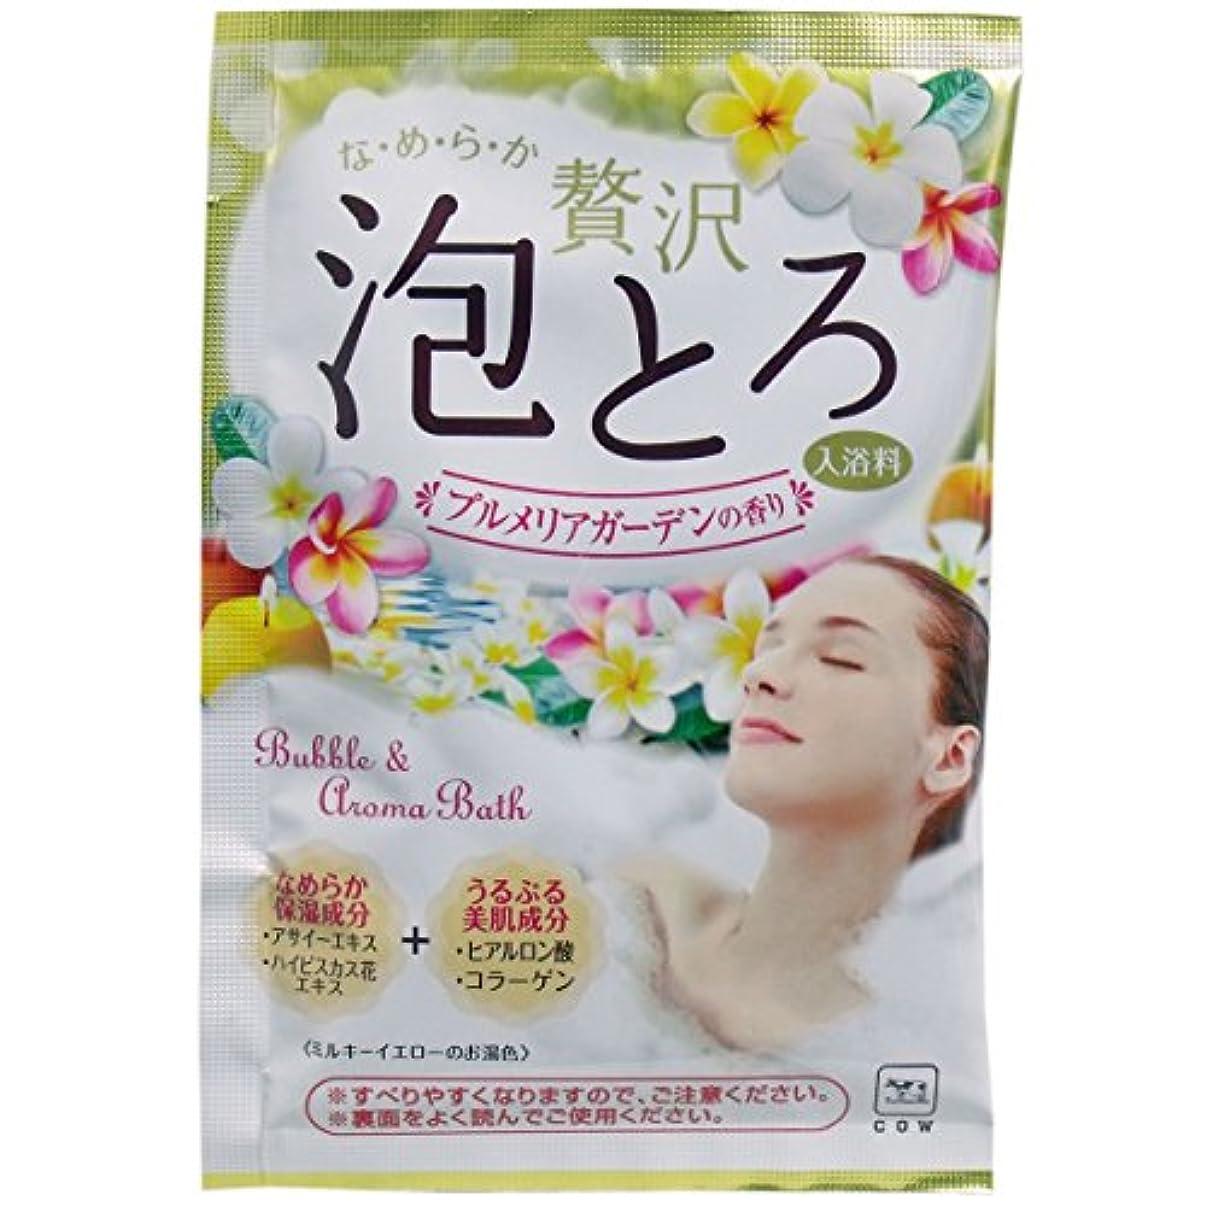 牛乳石鹸共進社 お湯物語 贅沢泡とろ 入浴料 プルメリアガーデンの香り 30g